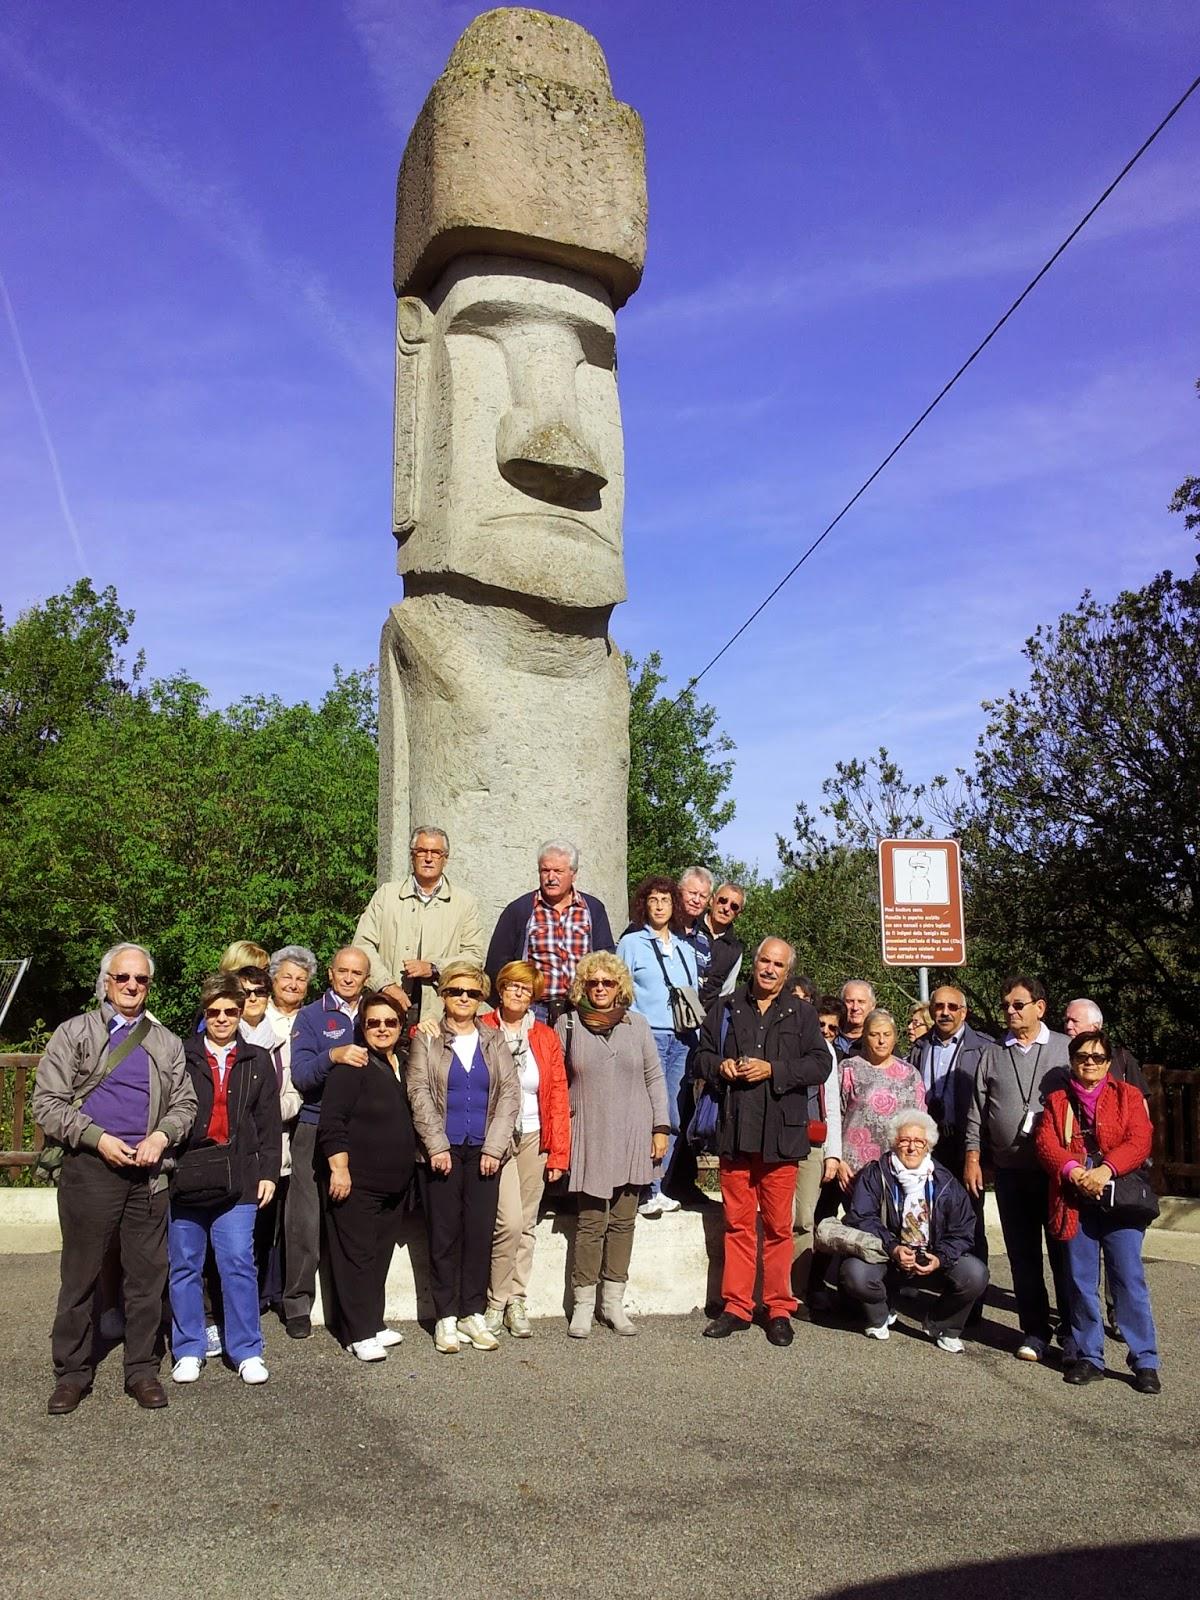 moai in italy